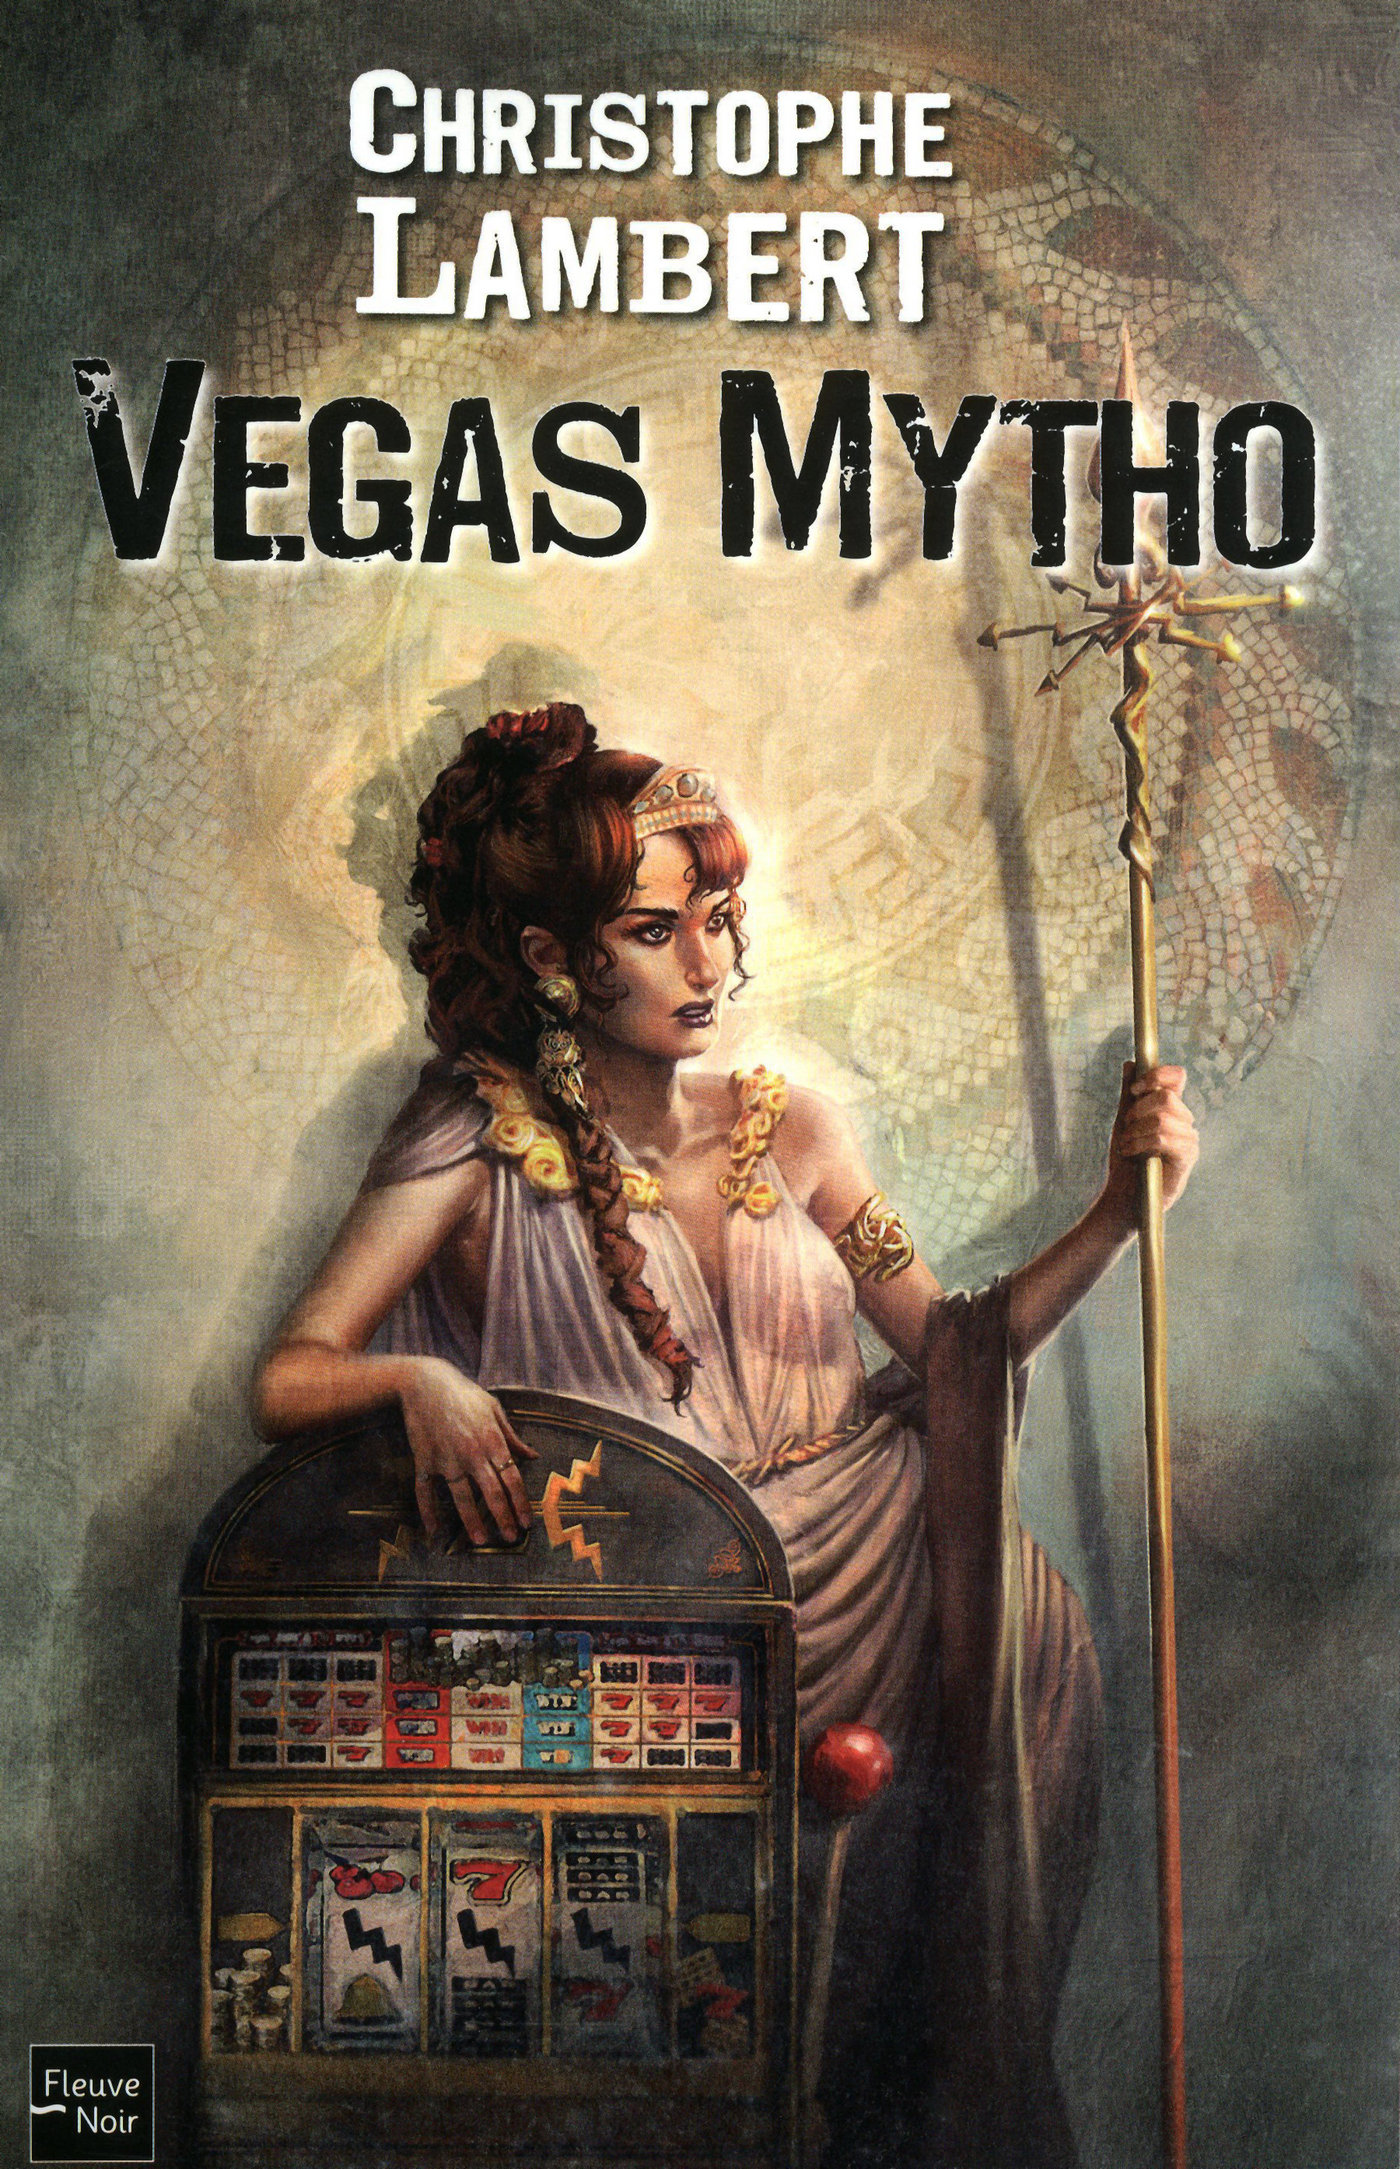 Vegas Mytho | LAMBERT, Christophe